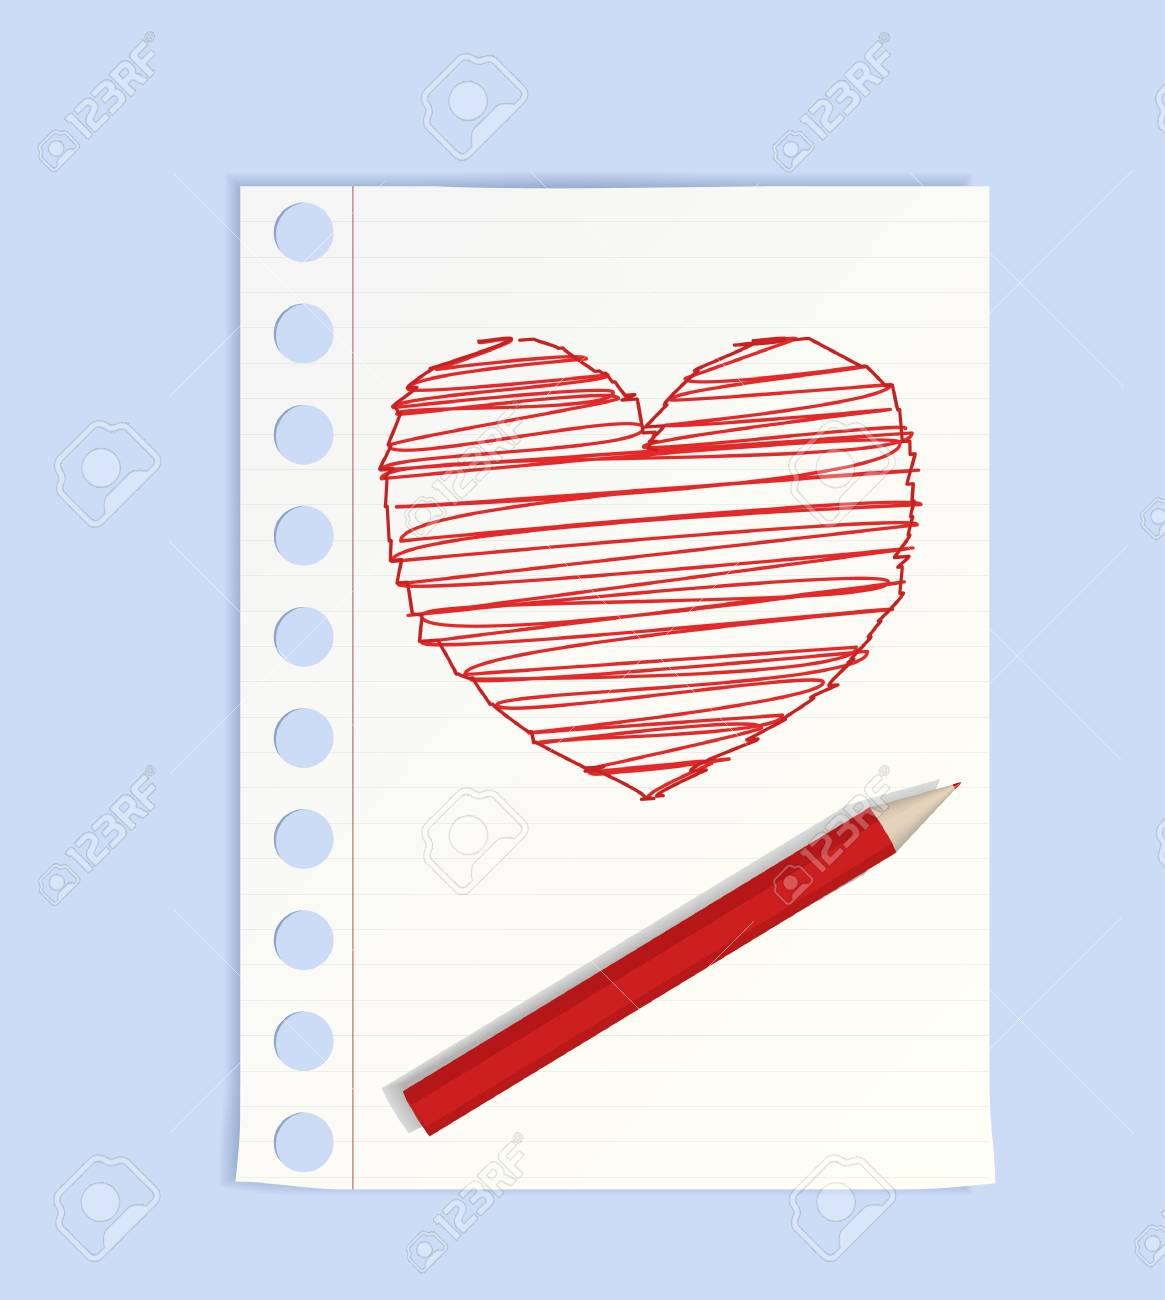 Big pencil drew a heart Stock Vector - 8519229